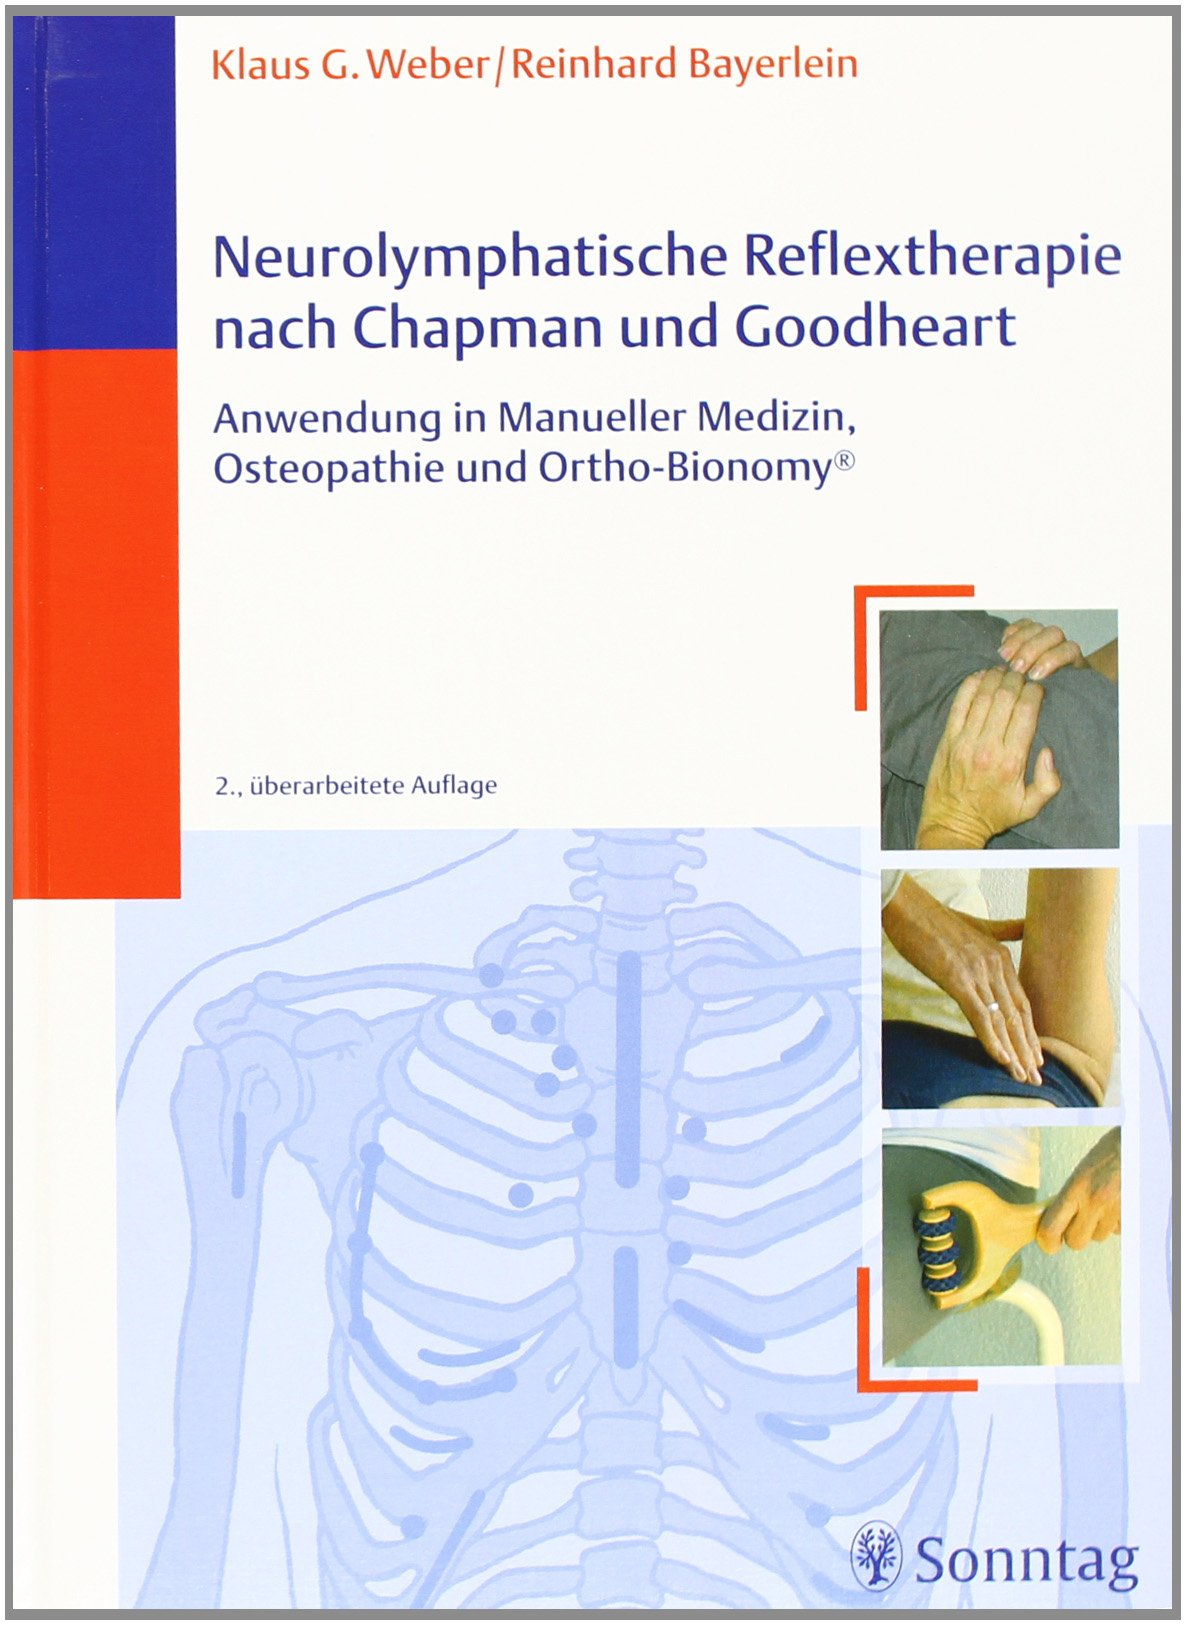 Neurolymphatische Reflextherapie nach Champan und Goodheart: Anwendung in der Ortho-Bionomy, Osteopathie und Kinesiologie